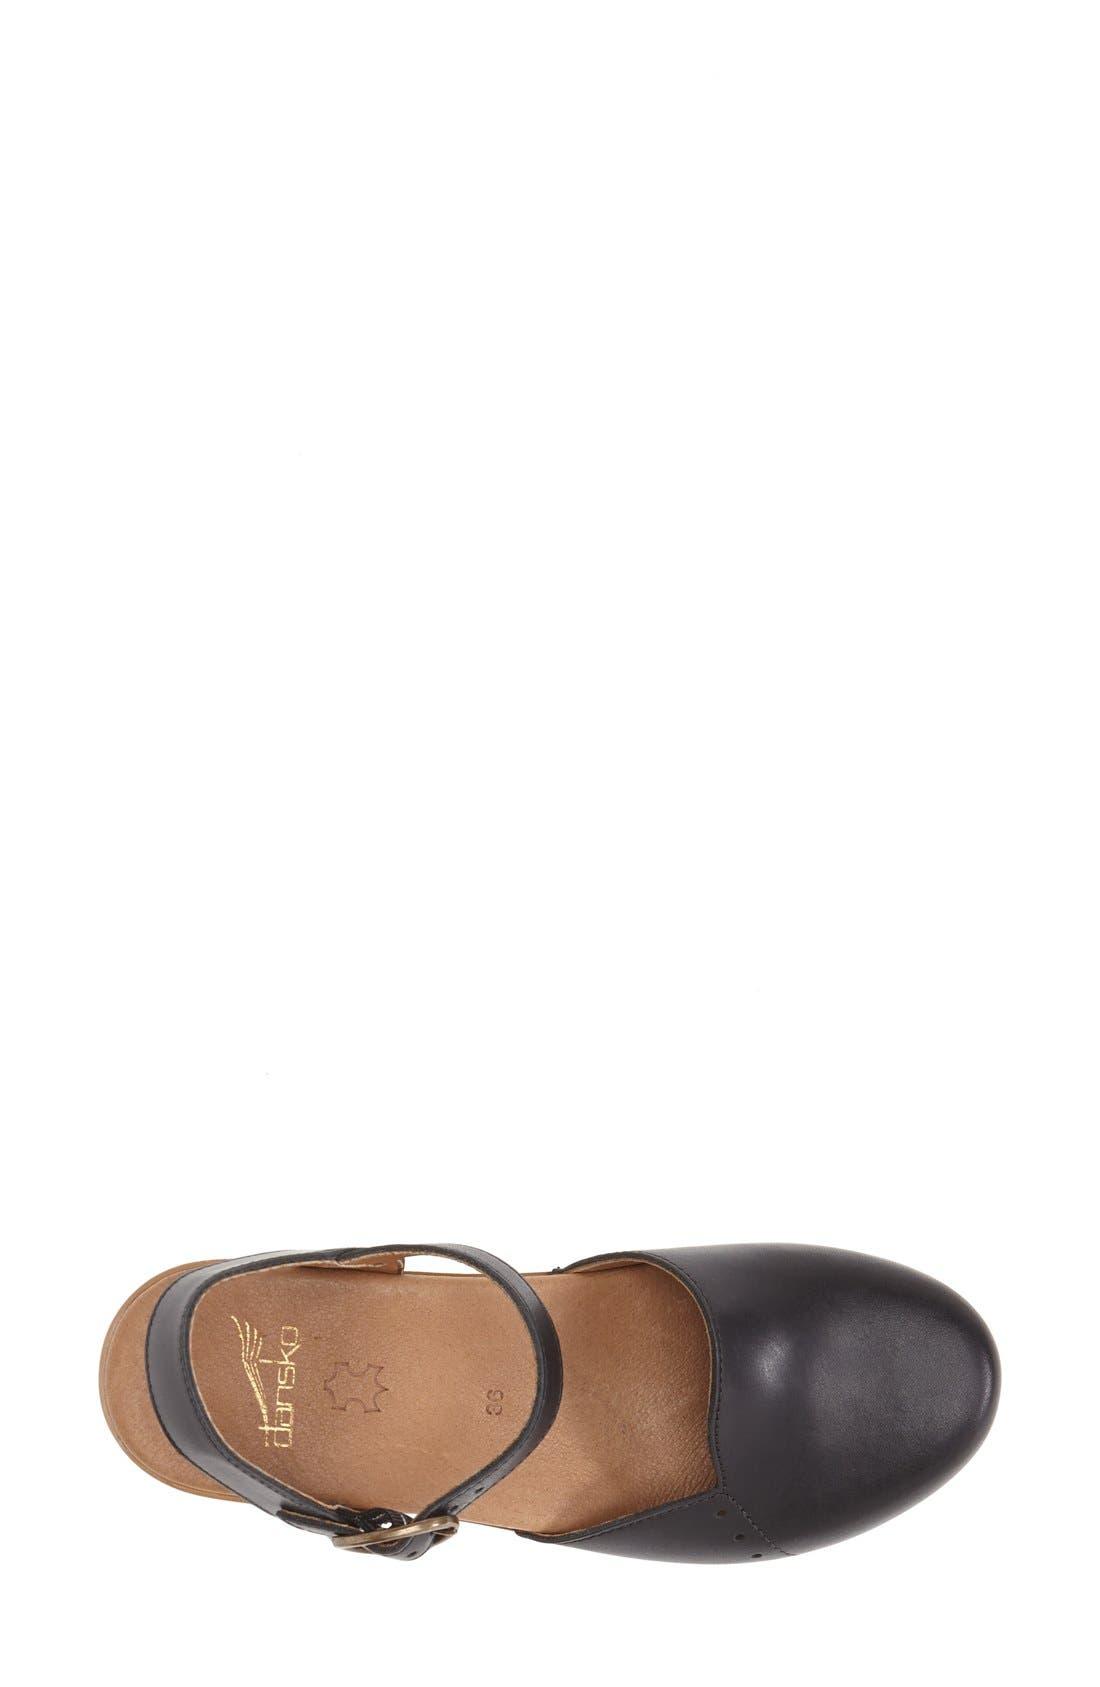 Alternate Image 3  - Dansko 'Maisie' Ankle Strap Leather Pump (Women)